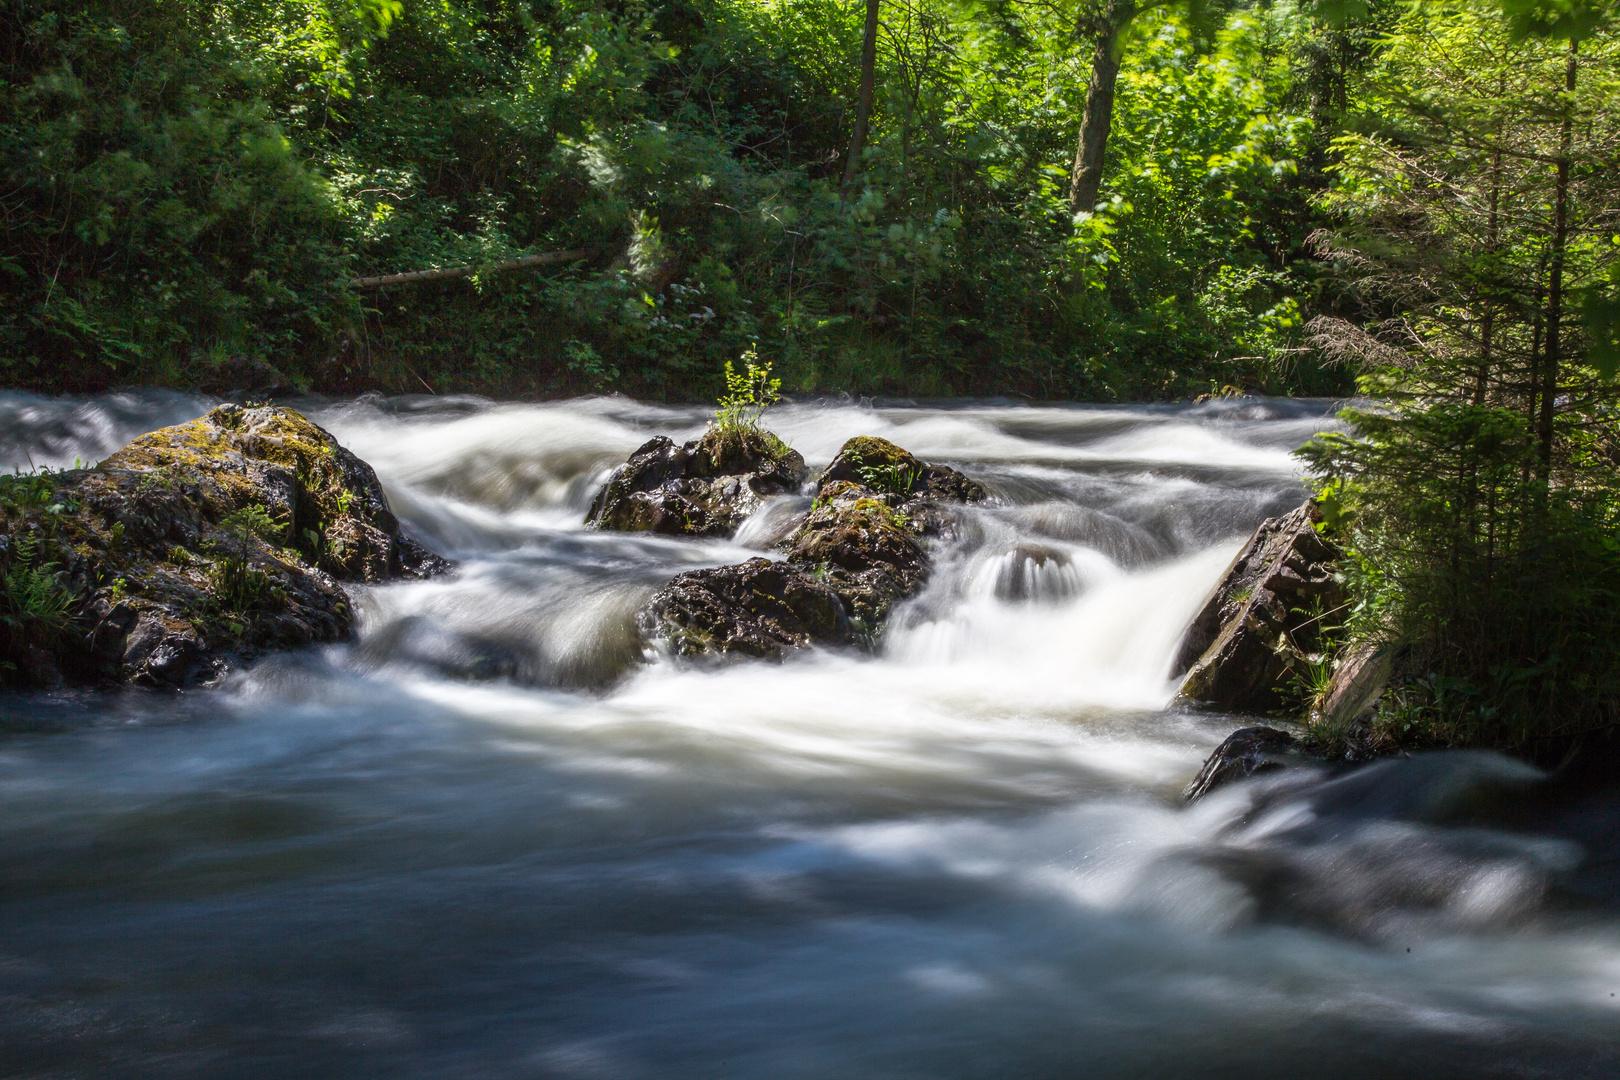 Die Oker - unterhalb der Romkerhaller Wasserfälle